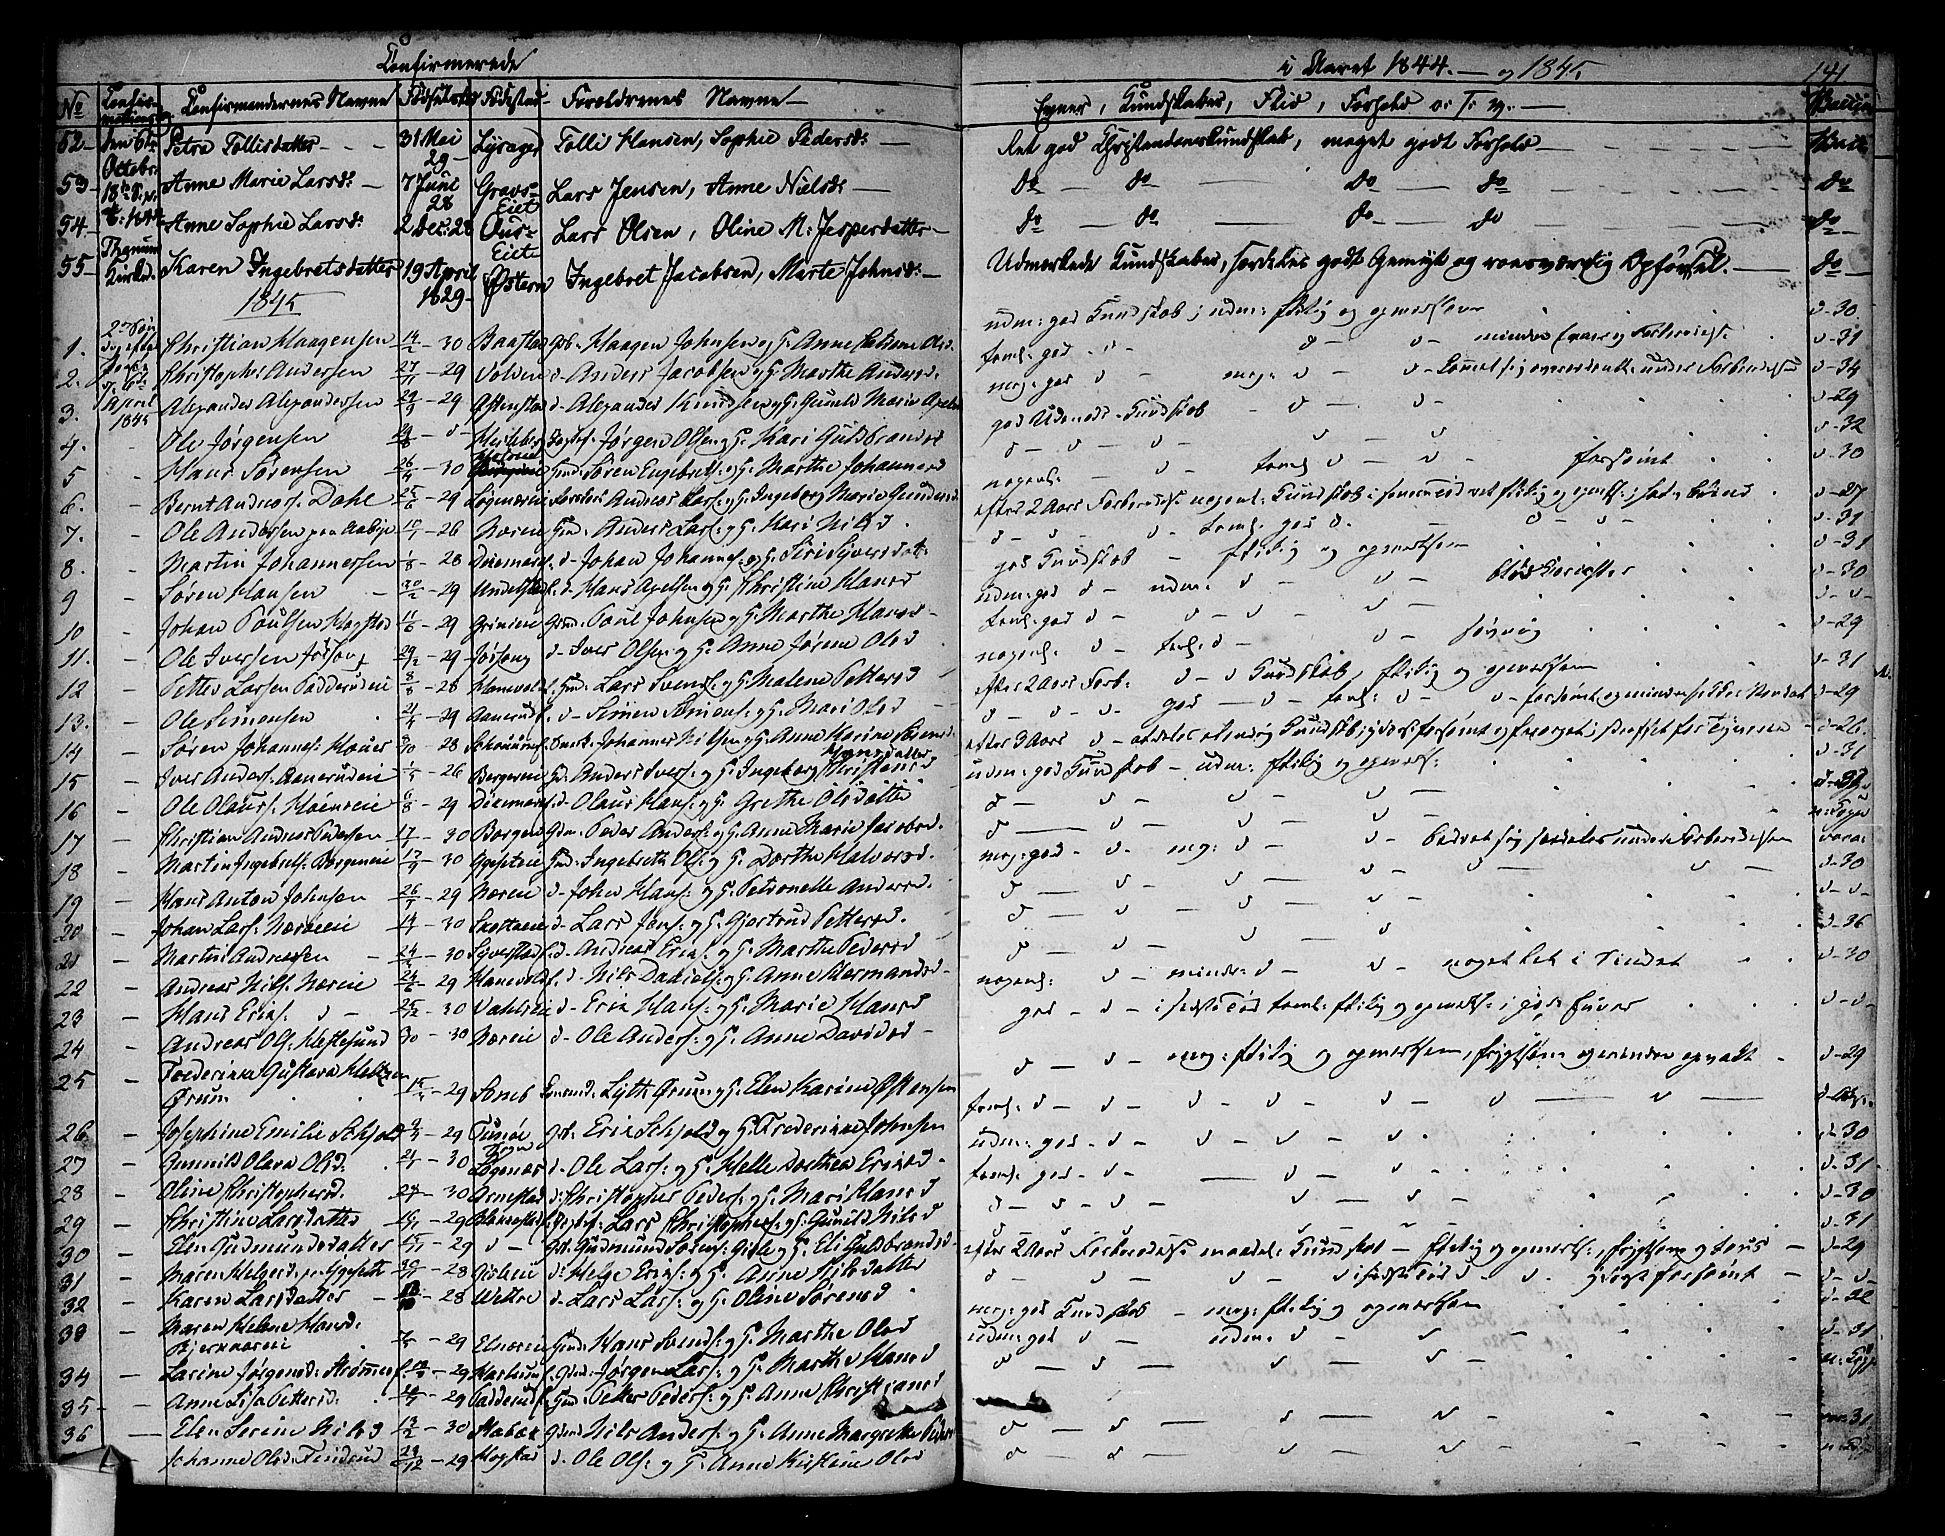 SAO, Asker prestekontor Kirkebøker, F/Fa/L0009: Ministerialbok nr. I 9, 1825-1878, s. 141